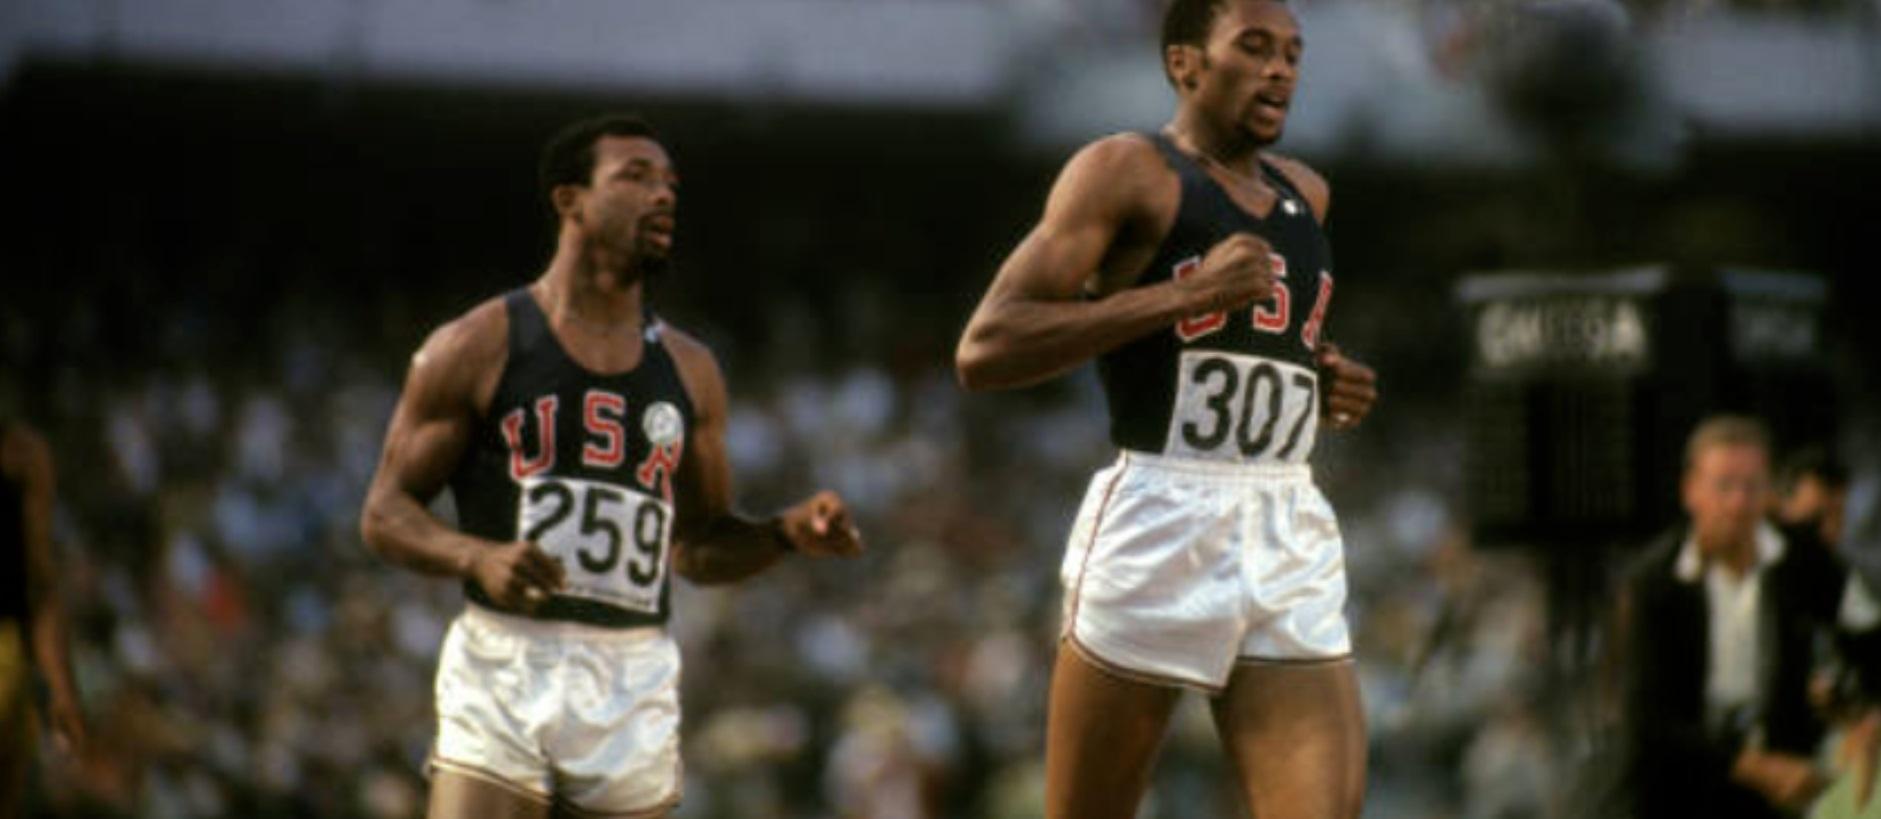 John Carlos and Tommie Smith 1968 Olympics (Photo John Carlos)